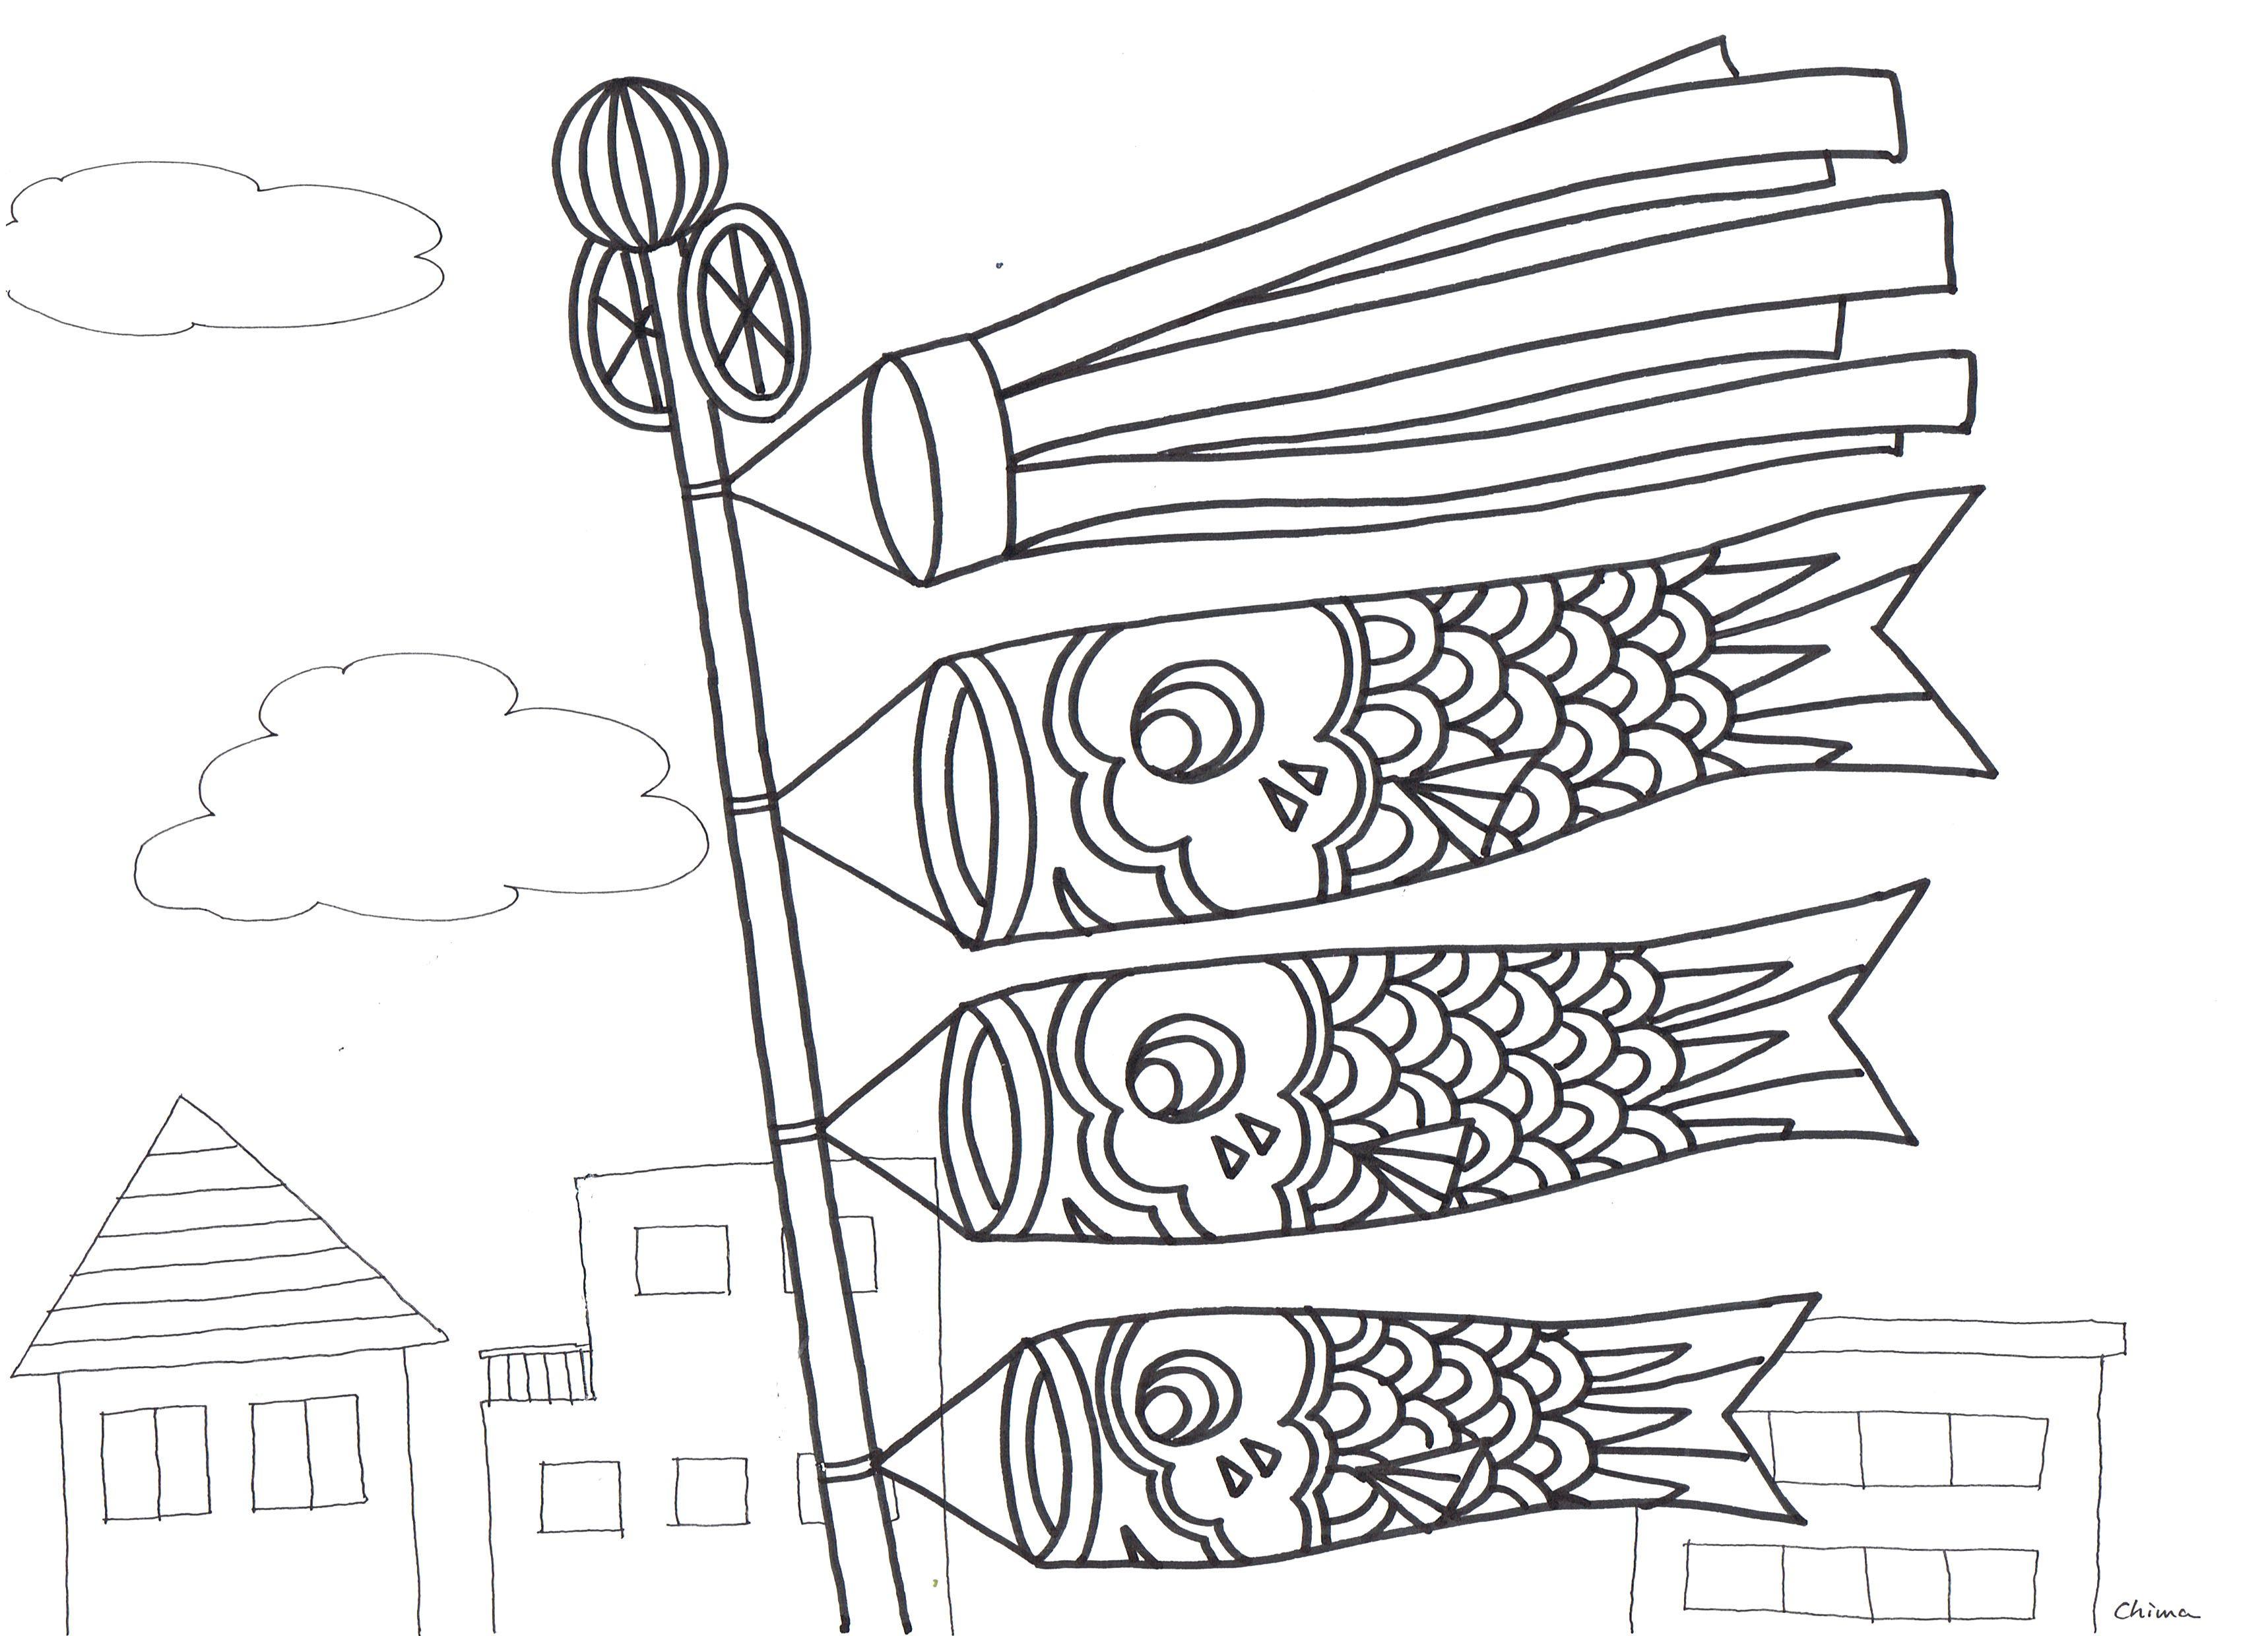 塗り絵 こいのぼり 鯉のぼり イラスト 塗り絵 イラスト 塗り絵